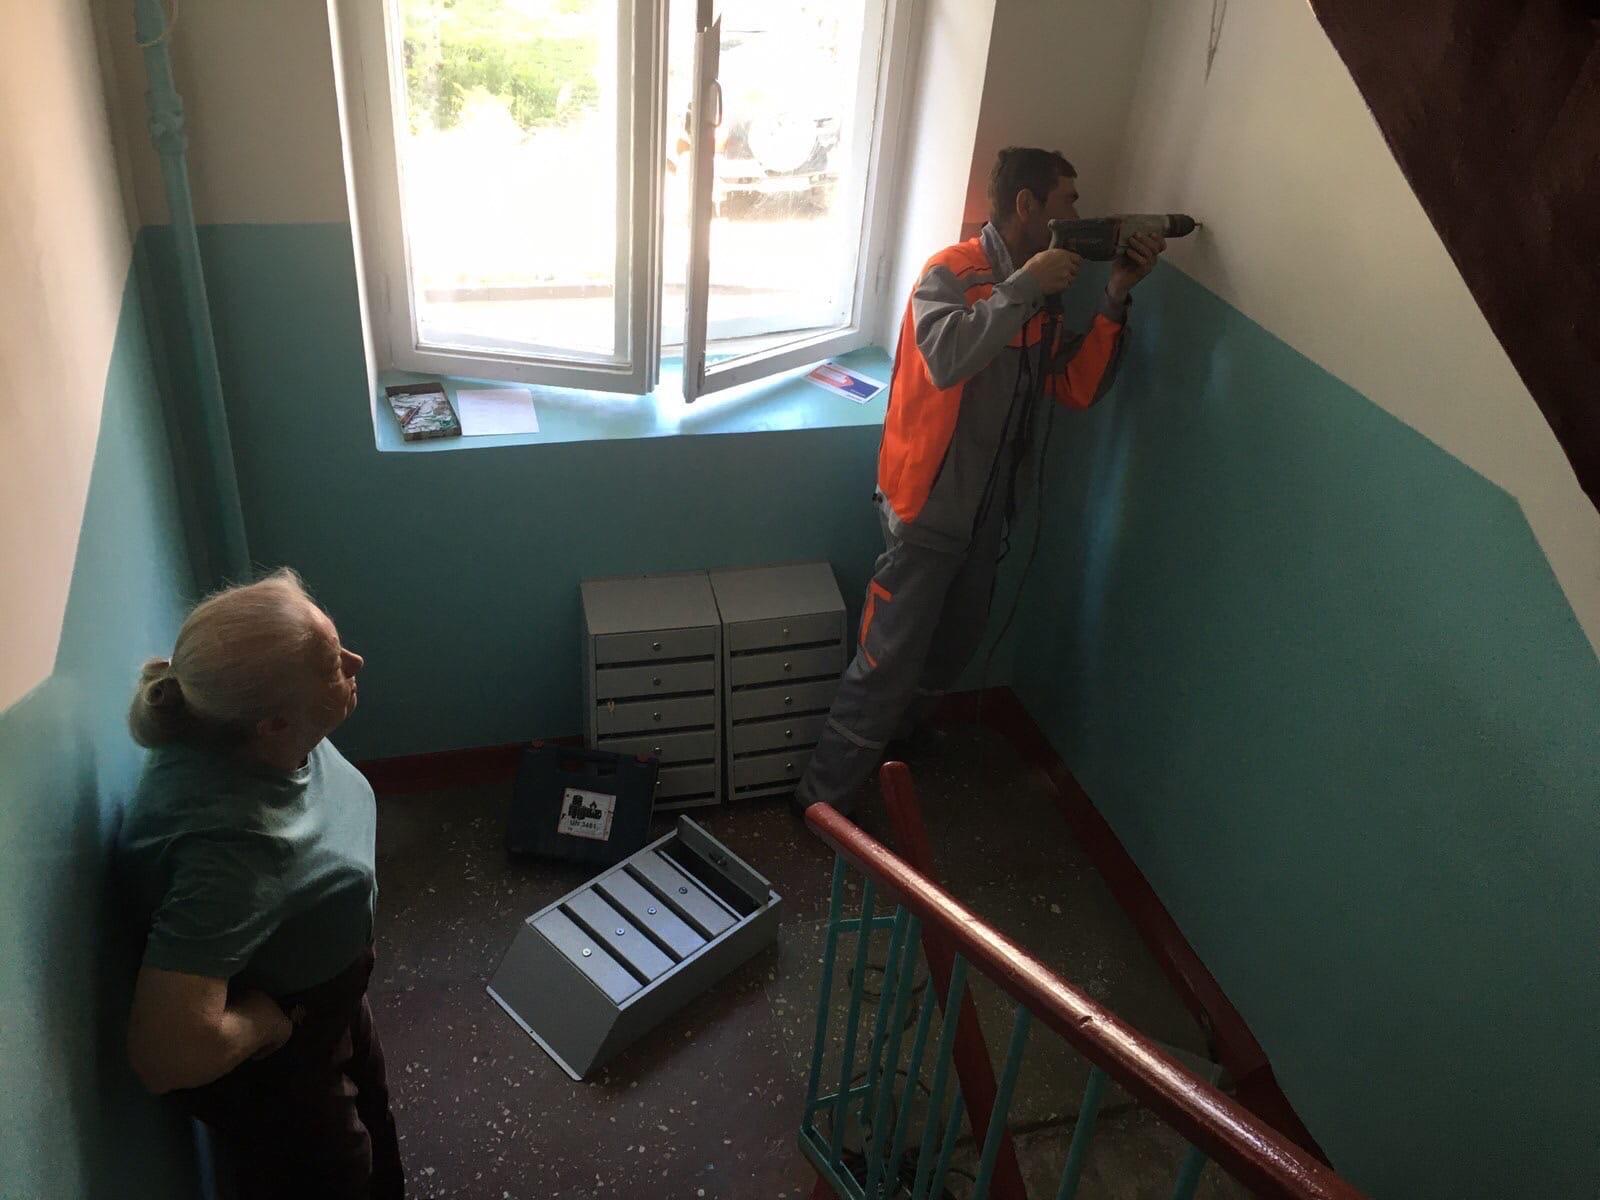 Октябрьский проспект дом 34 установка почтовых ящиков